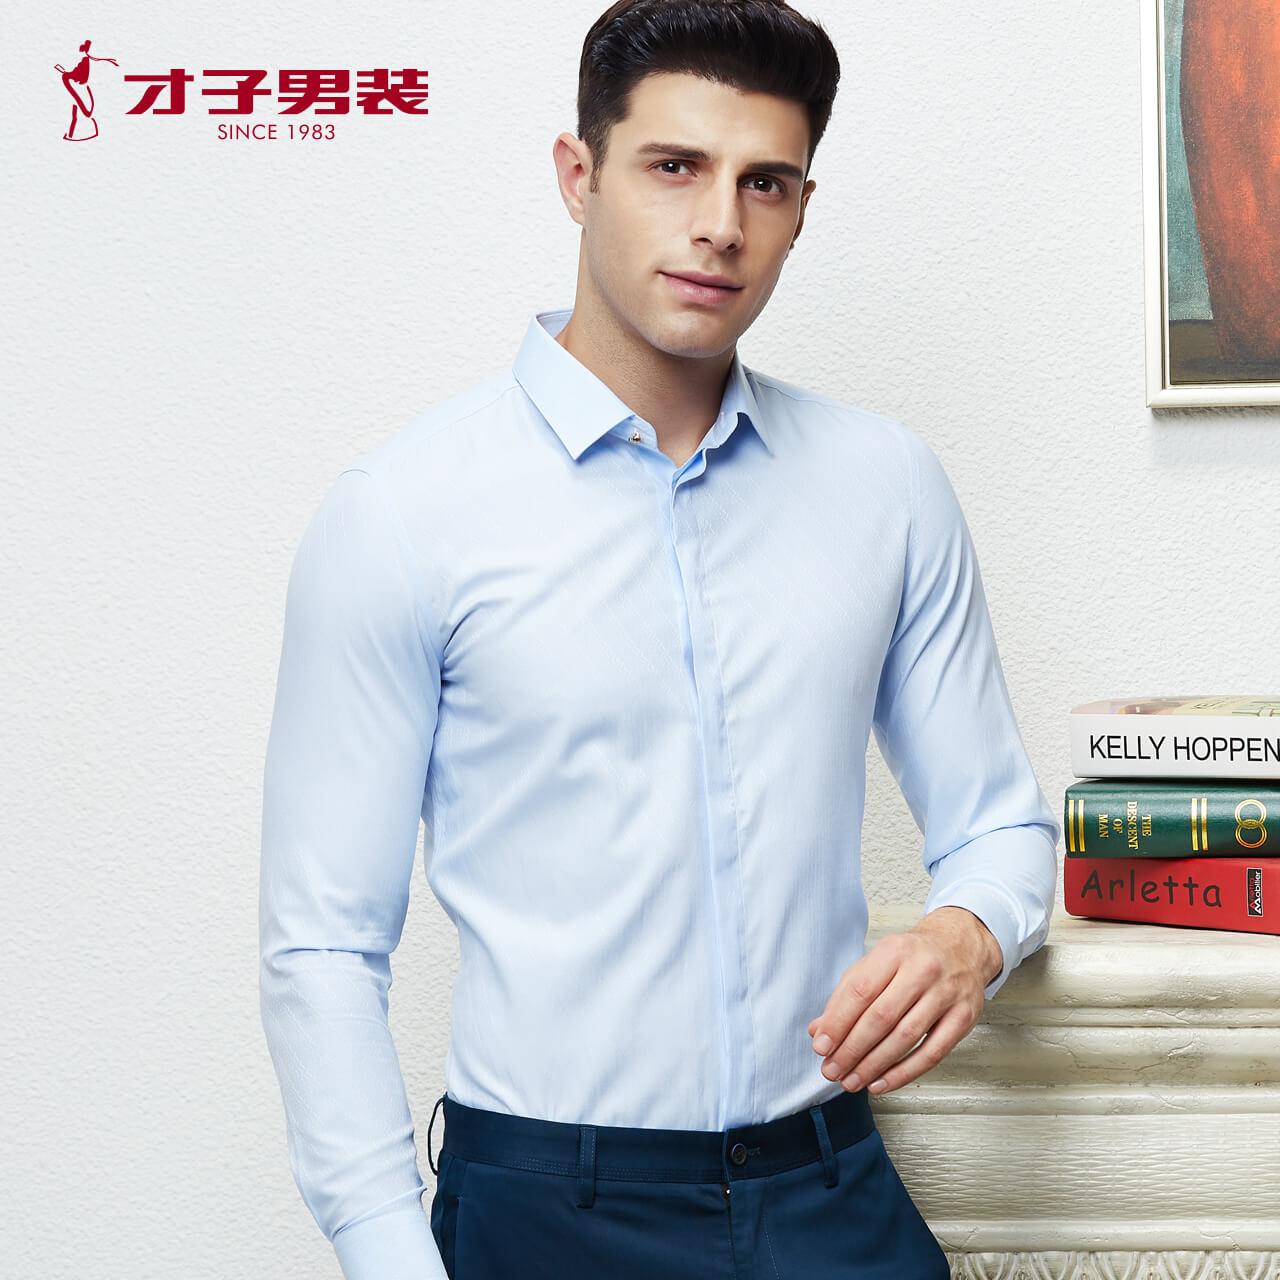 才子男装长袖衬衫秋季新款2019修身商务休闲职业莫代尔青年衬衣